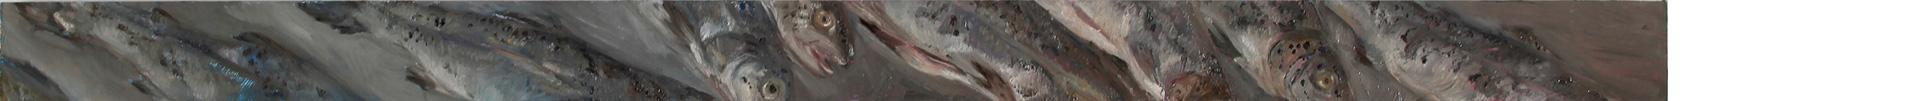 Forellen schwimmen 2, Öl auf MDF, 2019, 8 x 132 cm